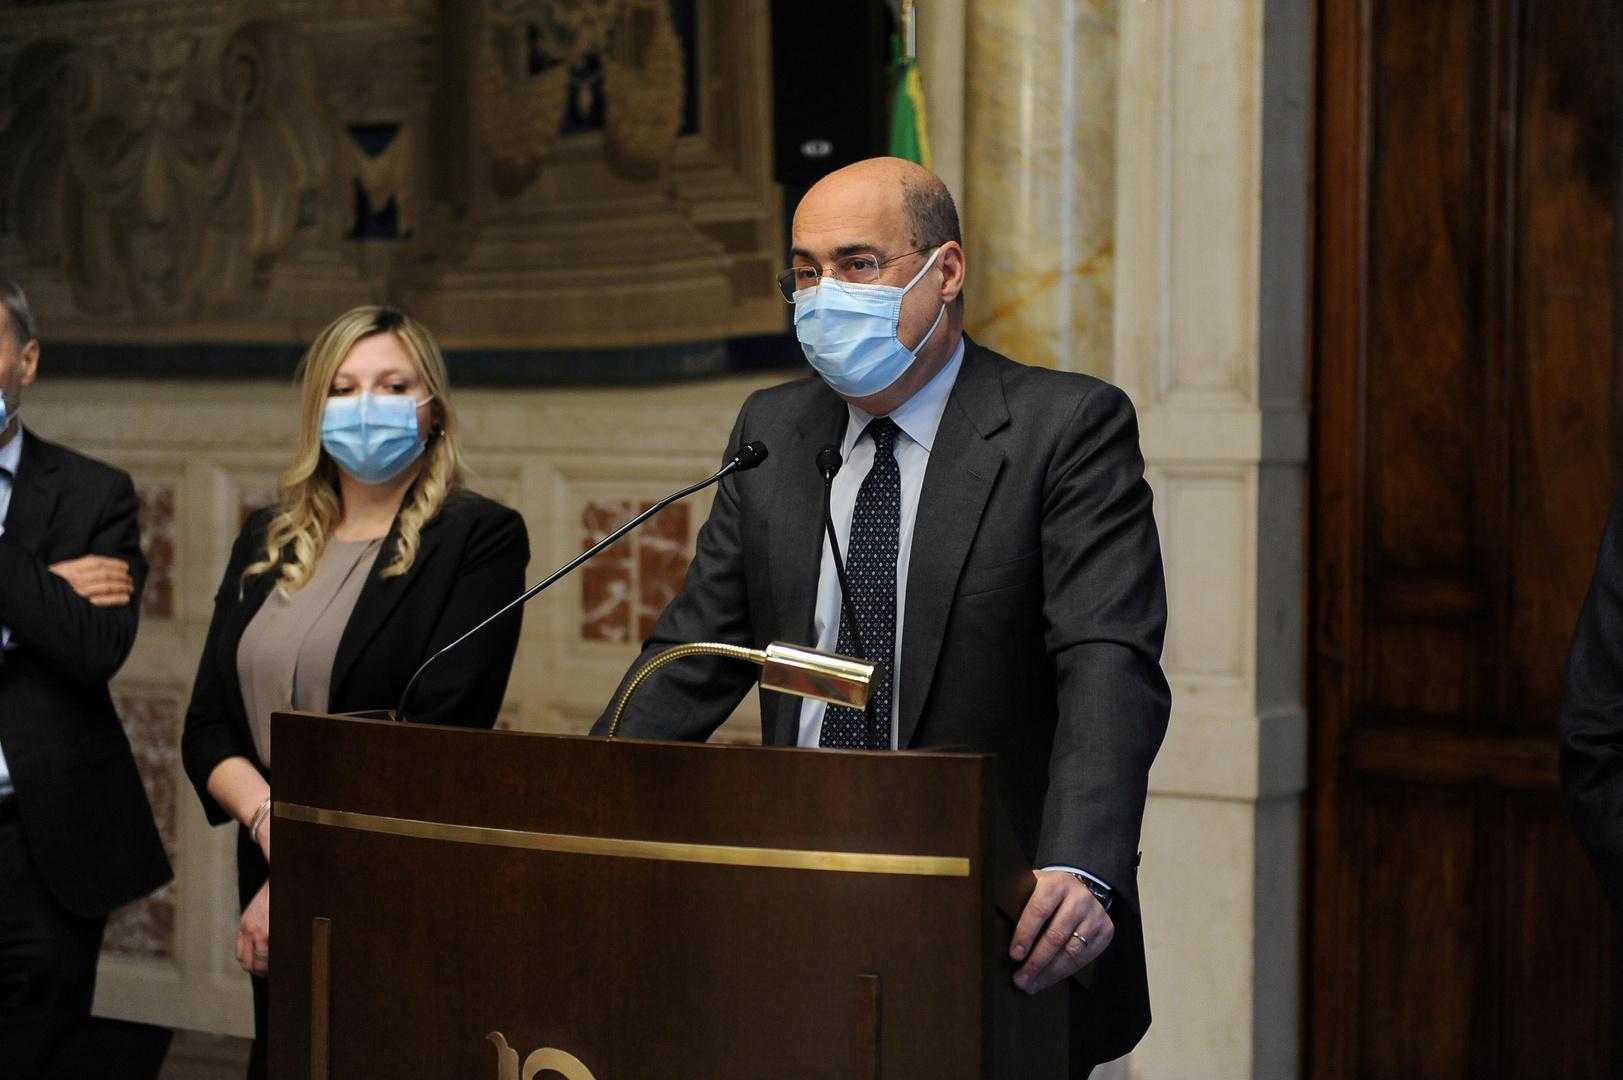 رئيس الوزراء الإيطالي يحث الاتحاد الأوروبي على